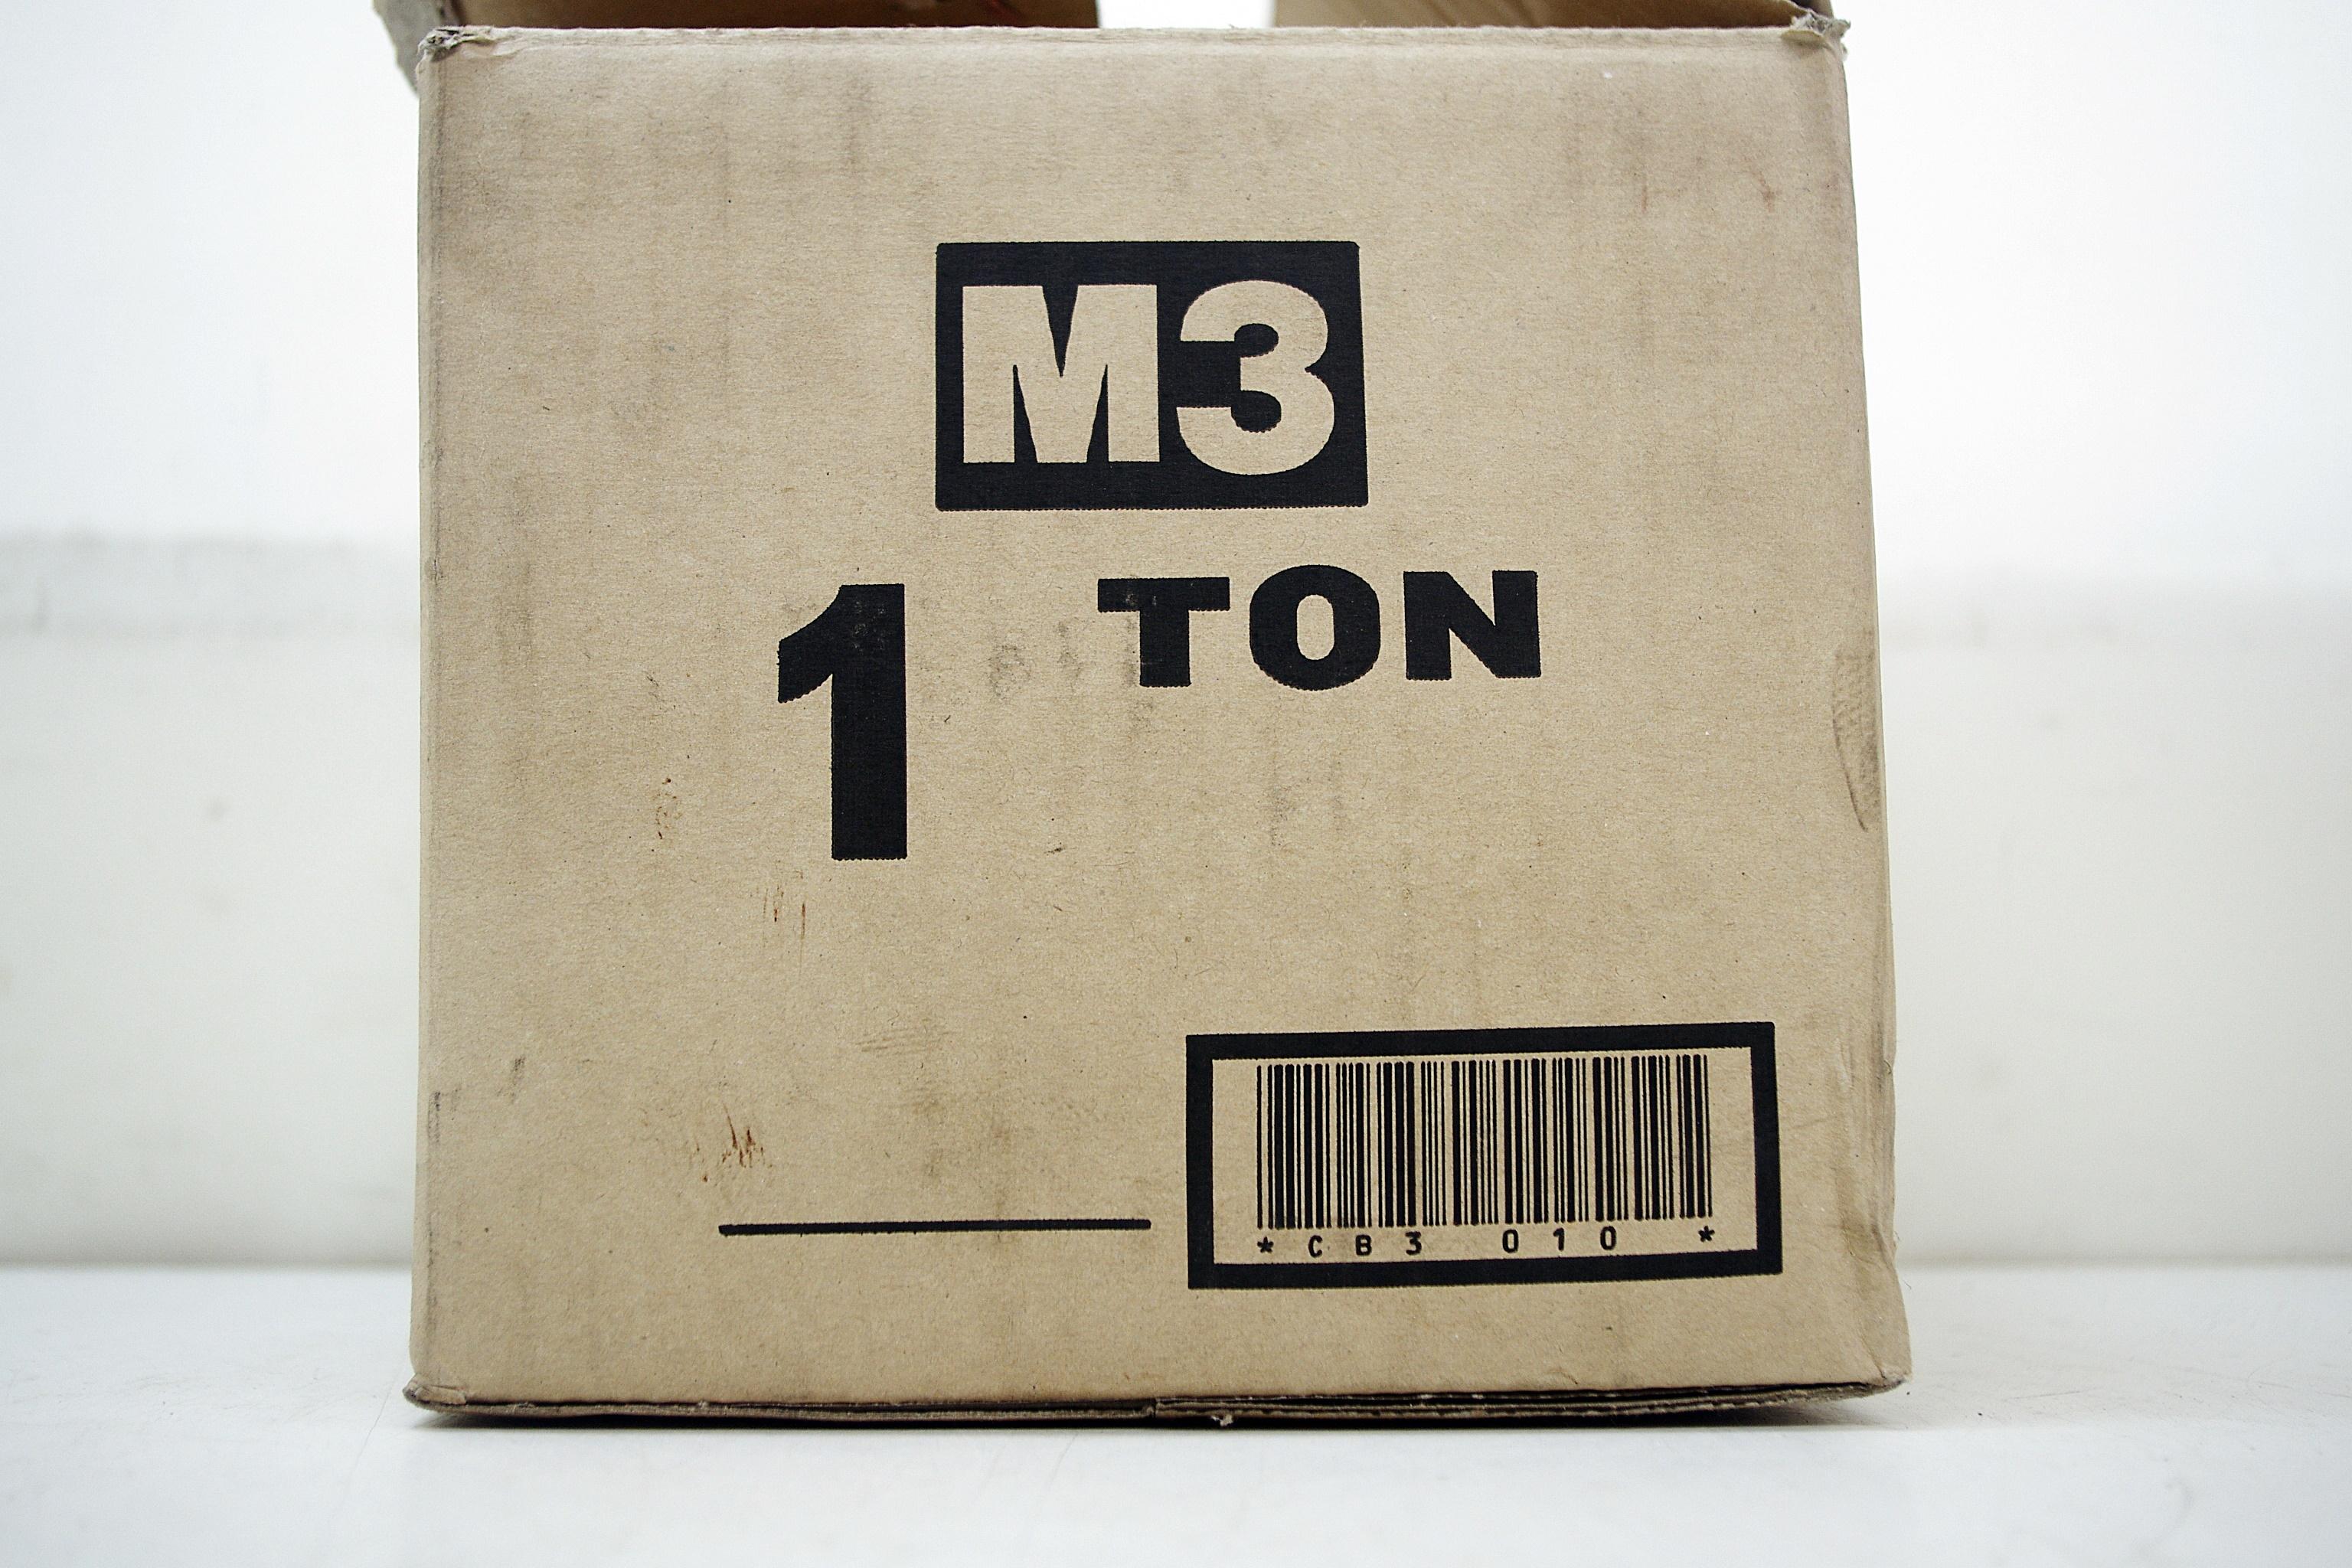 KITO キトー マイティM3 チェンブロック買い取りしました!